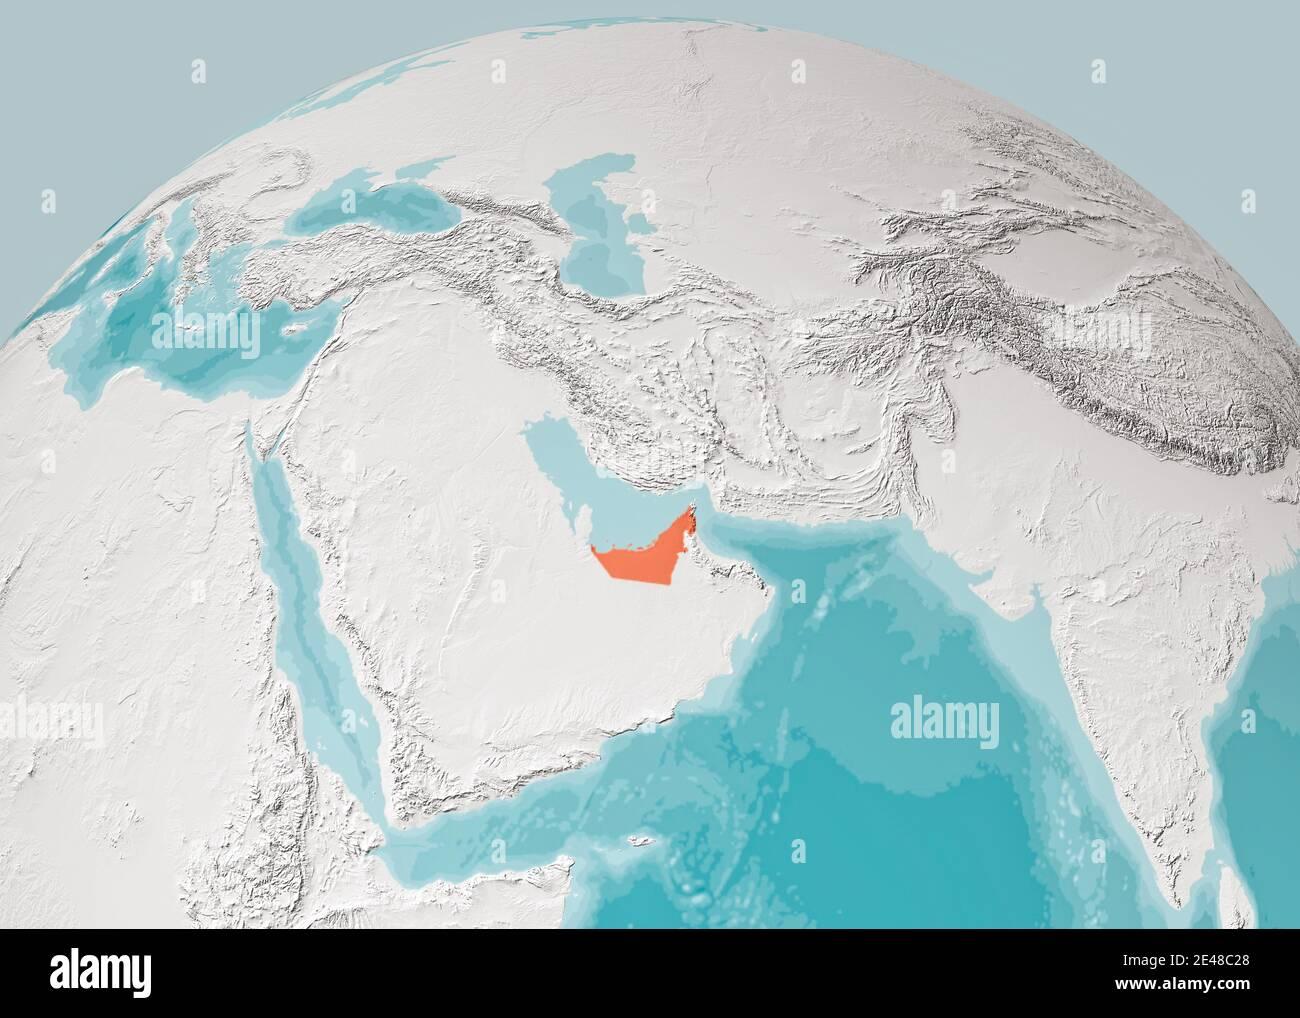 Medio Oriente Cartina Fisica.Mappa Del Globo Della Penisola Arabica Mappa Fisica Del Medio Oriente Rendering 3d Mappa Con Rilievo E Montagne Emirati Arabi Uniti Foto Stock Alamy